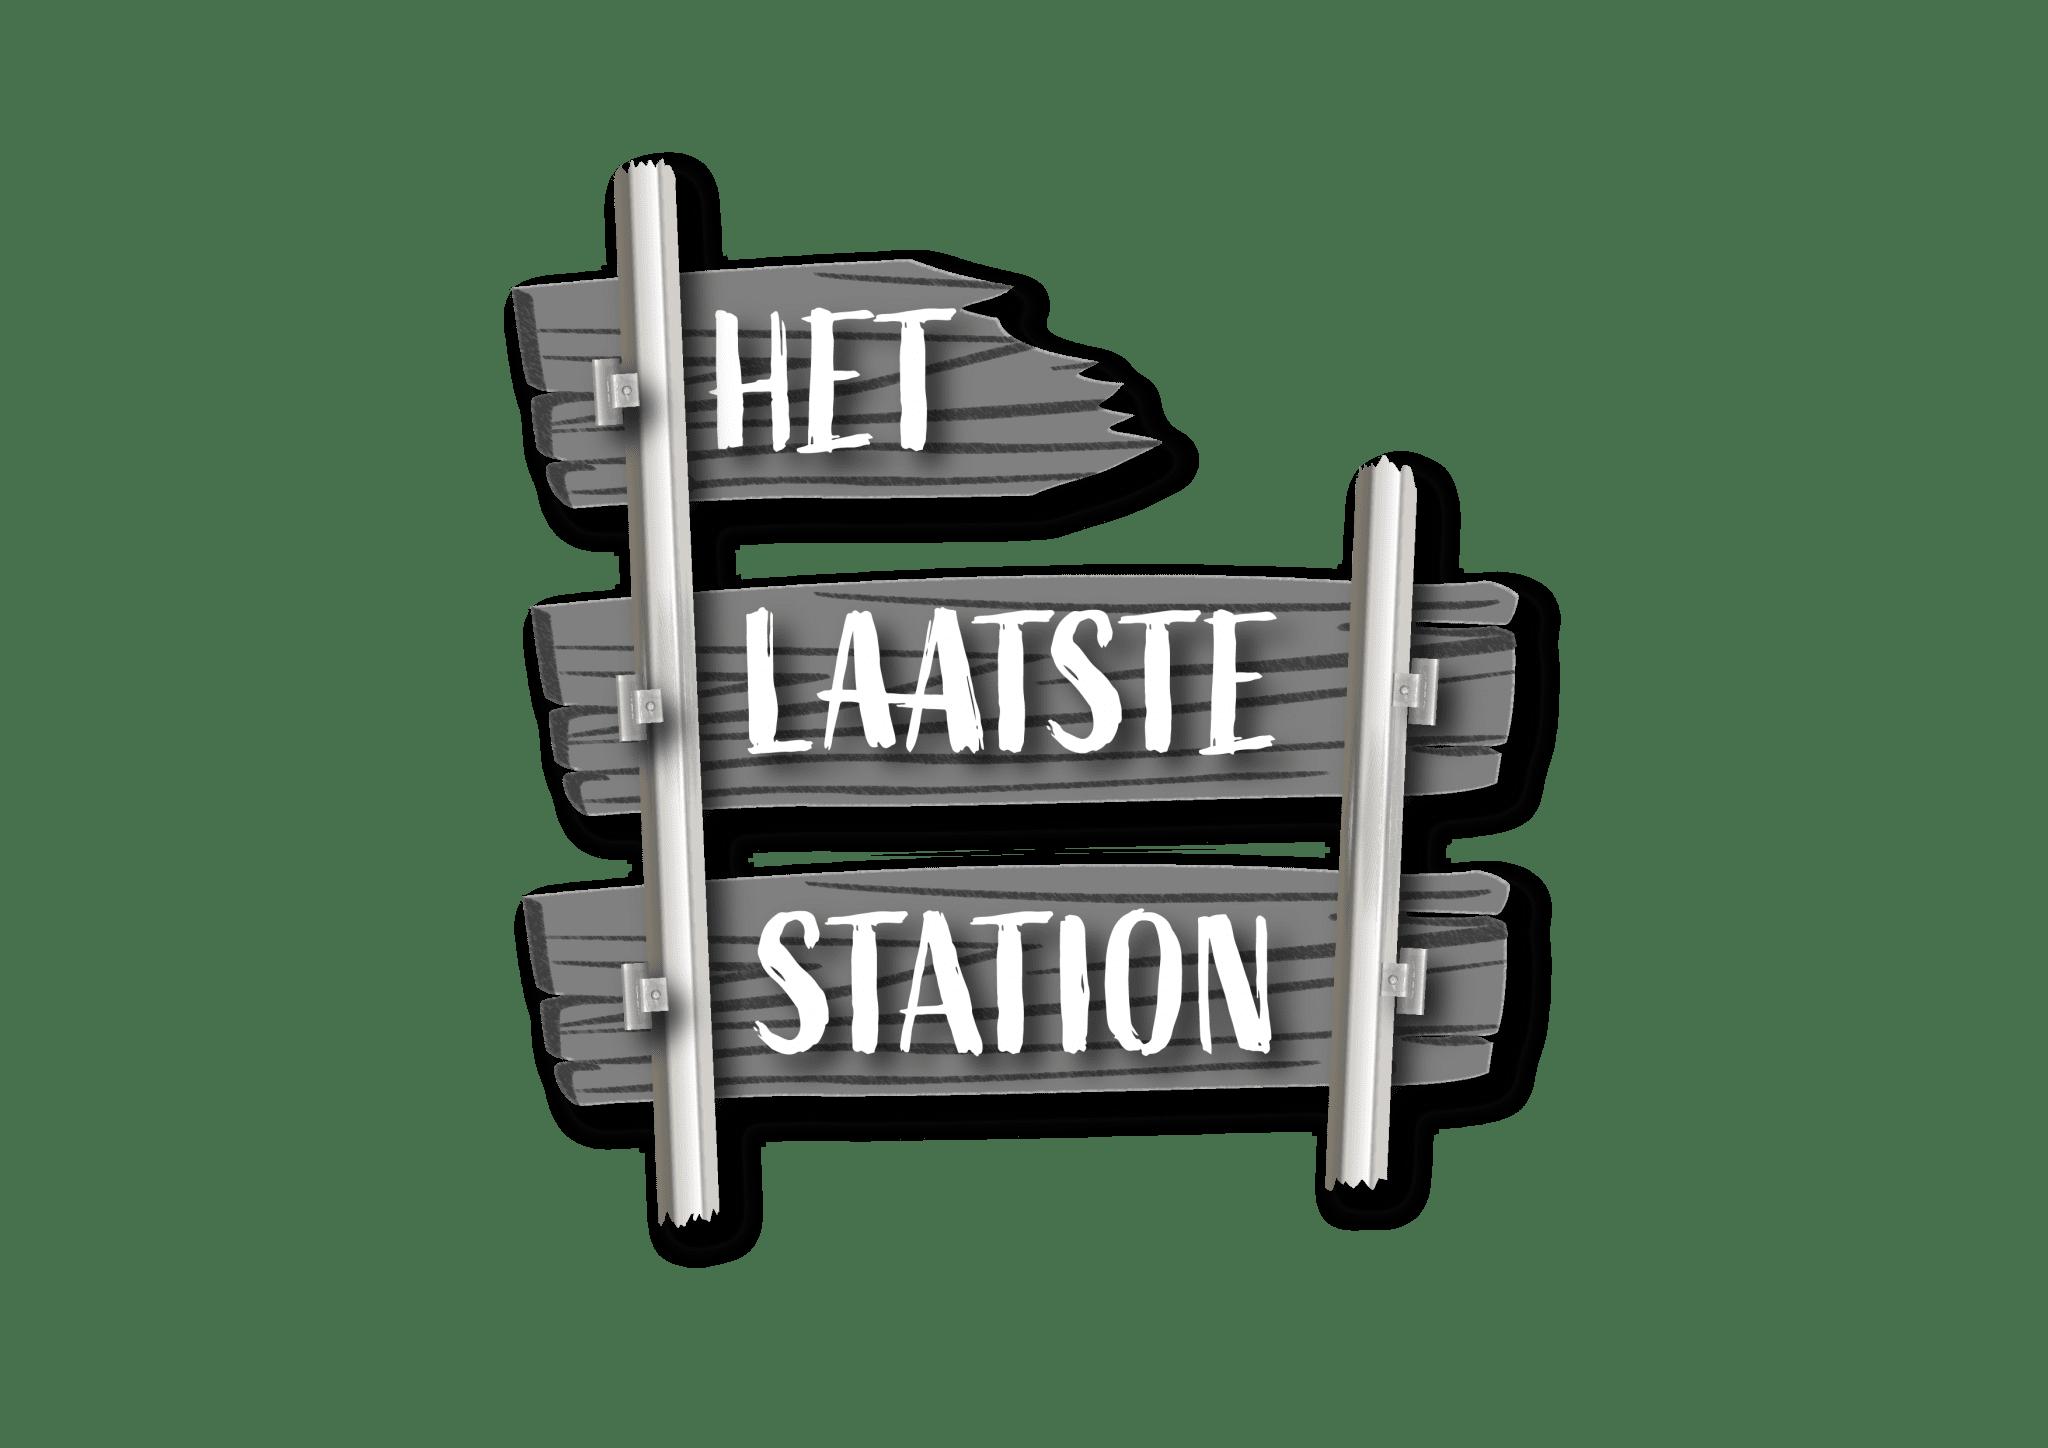 Het laatste station logo